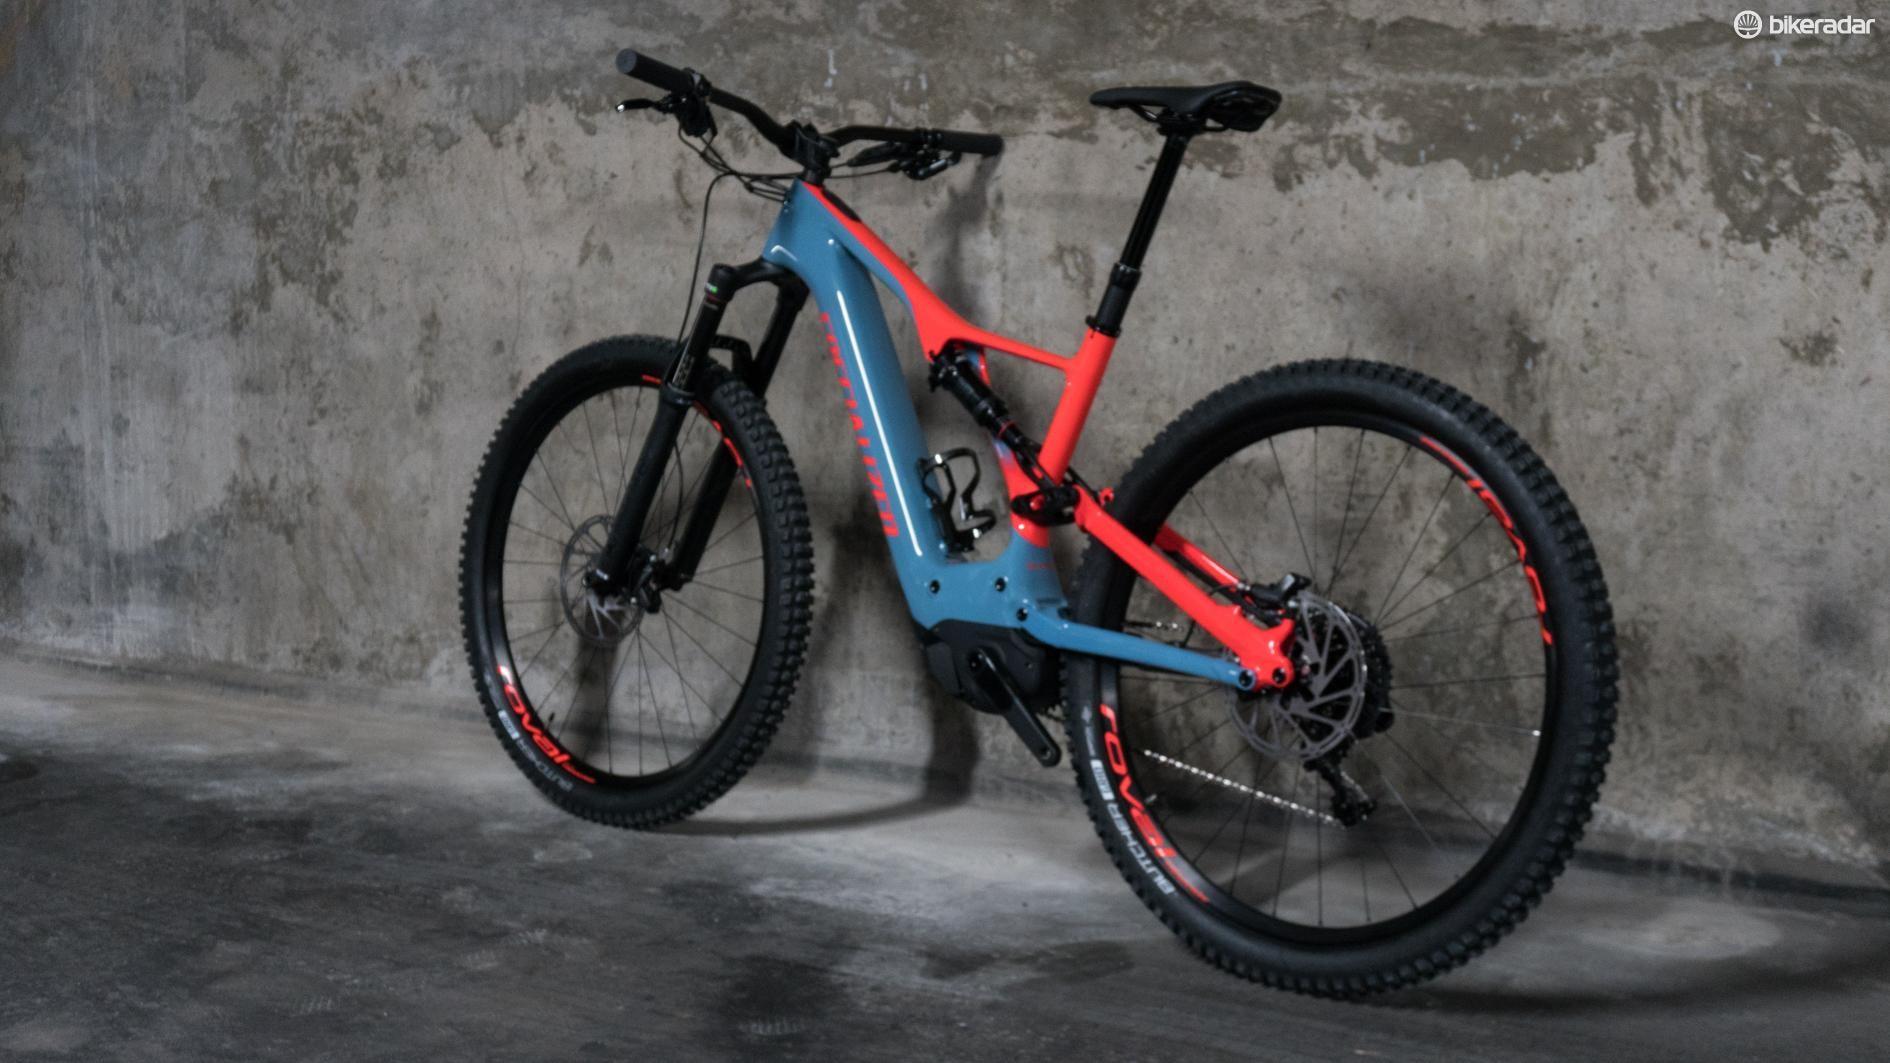 The Turbo Levo is one mean lookin' bike